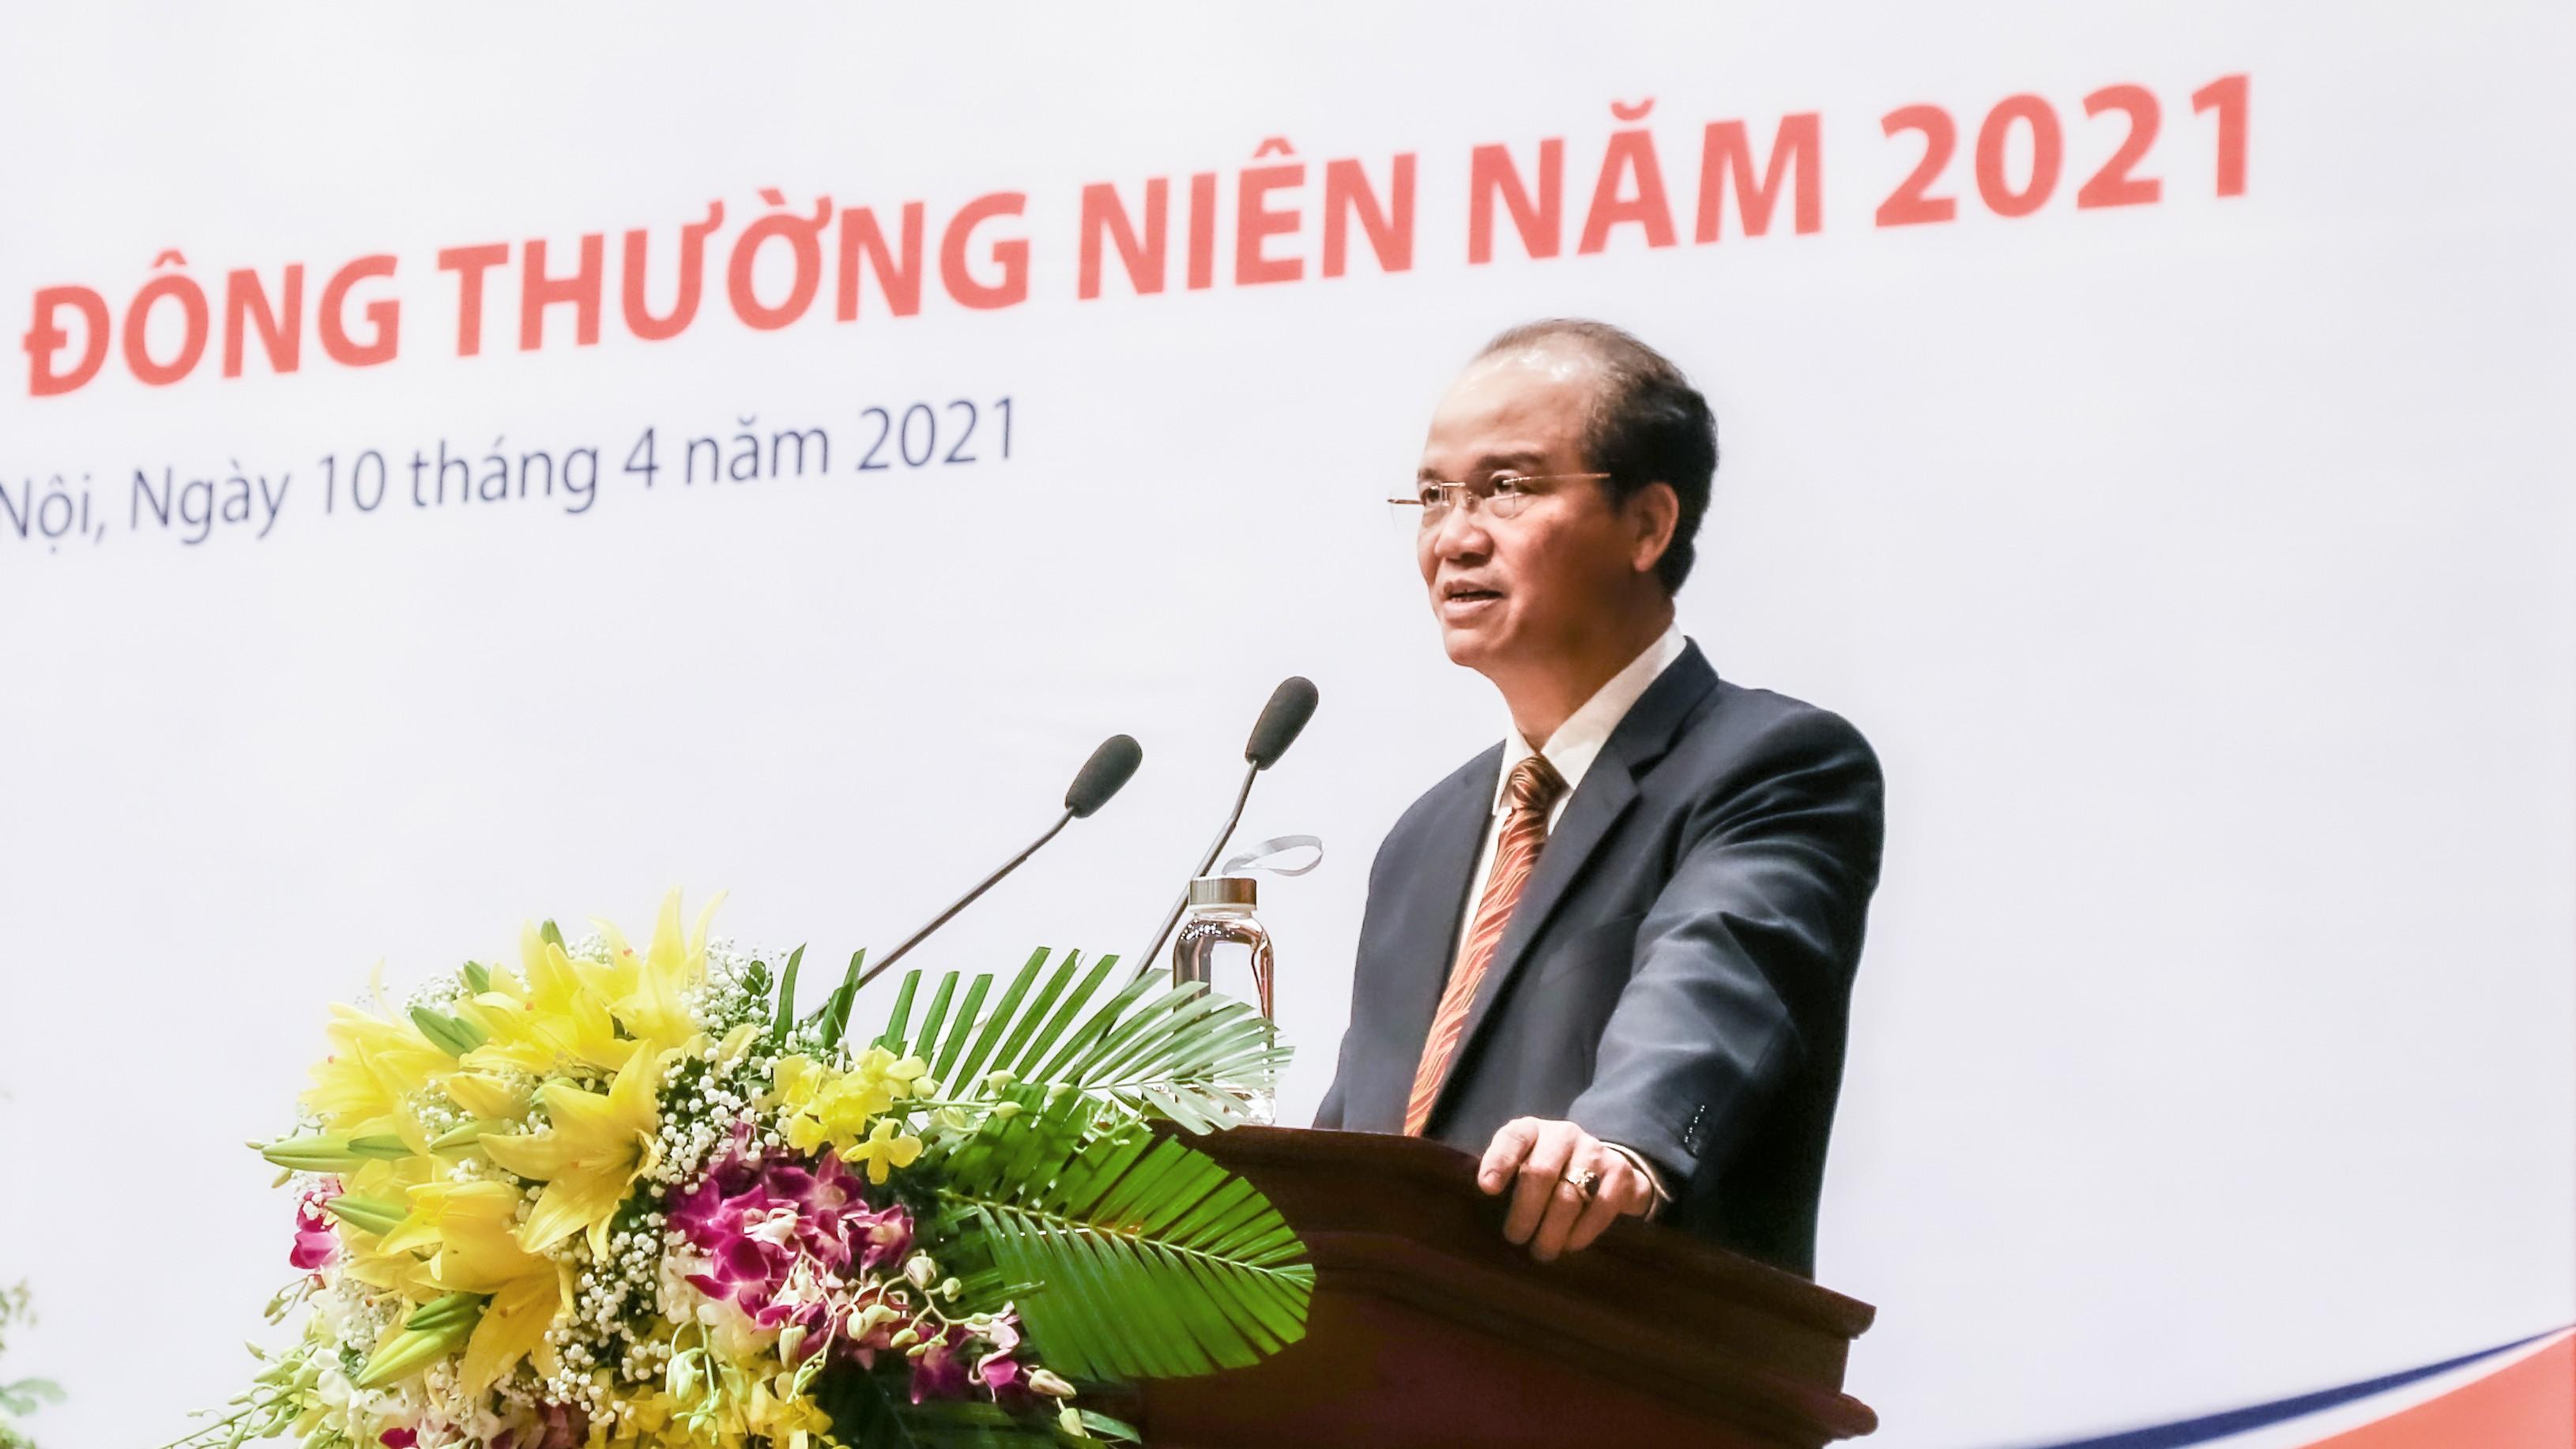 ĐHĐCĐ BSC: Quý 1/2021 lãi 70 tỷ đồng, đặt mục tiêu hoàn tất phát hành tăng vốn